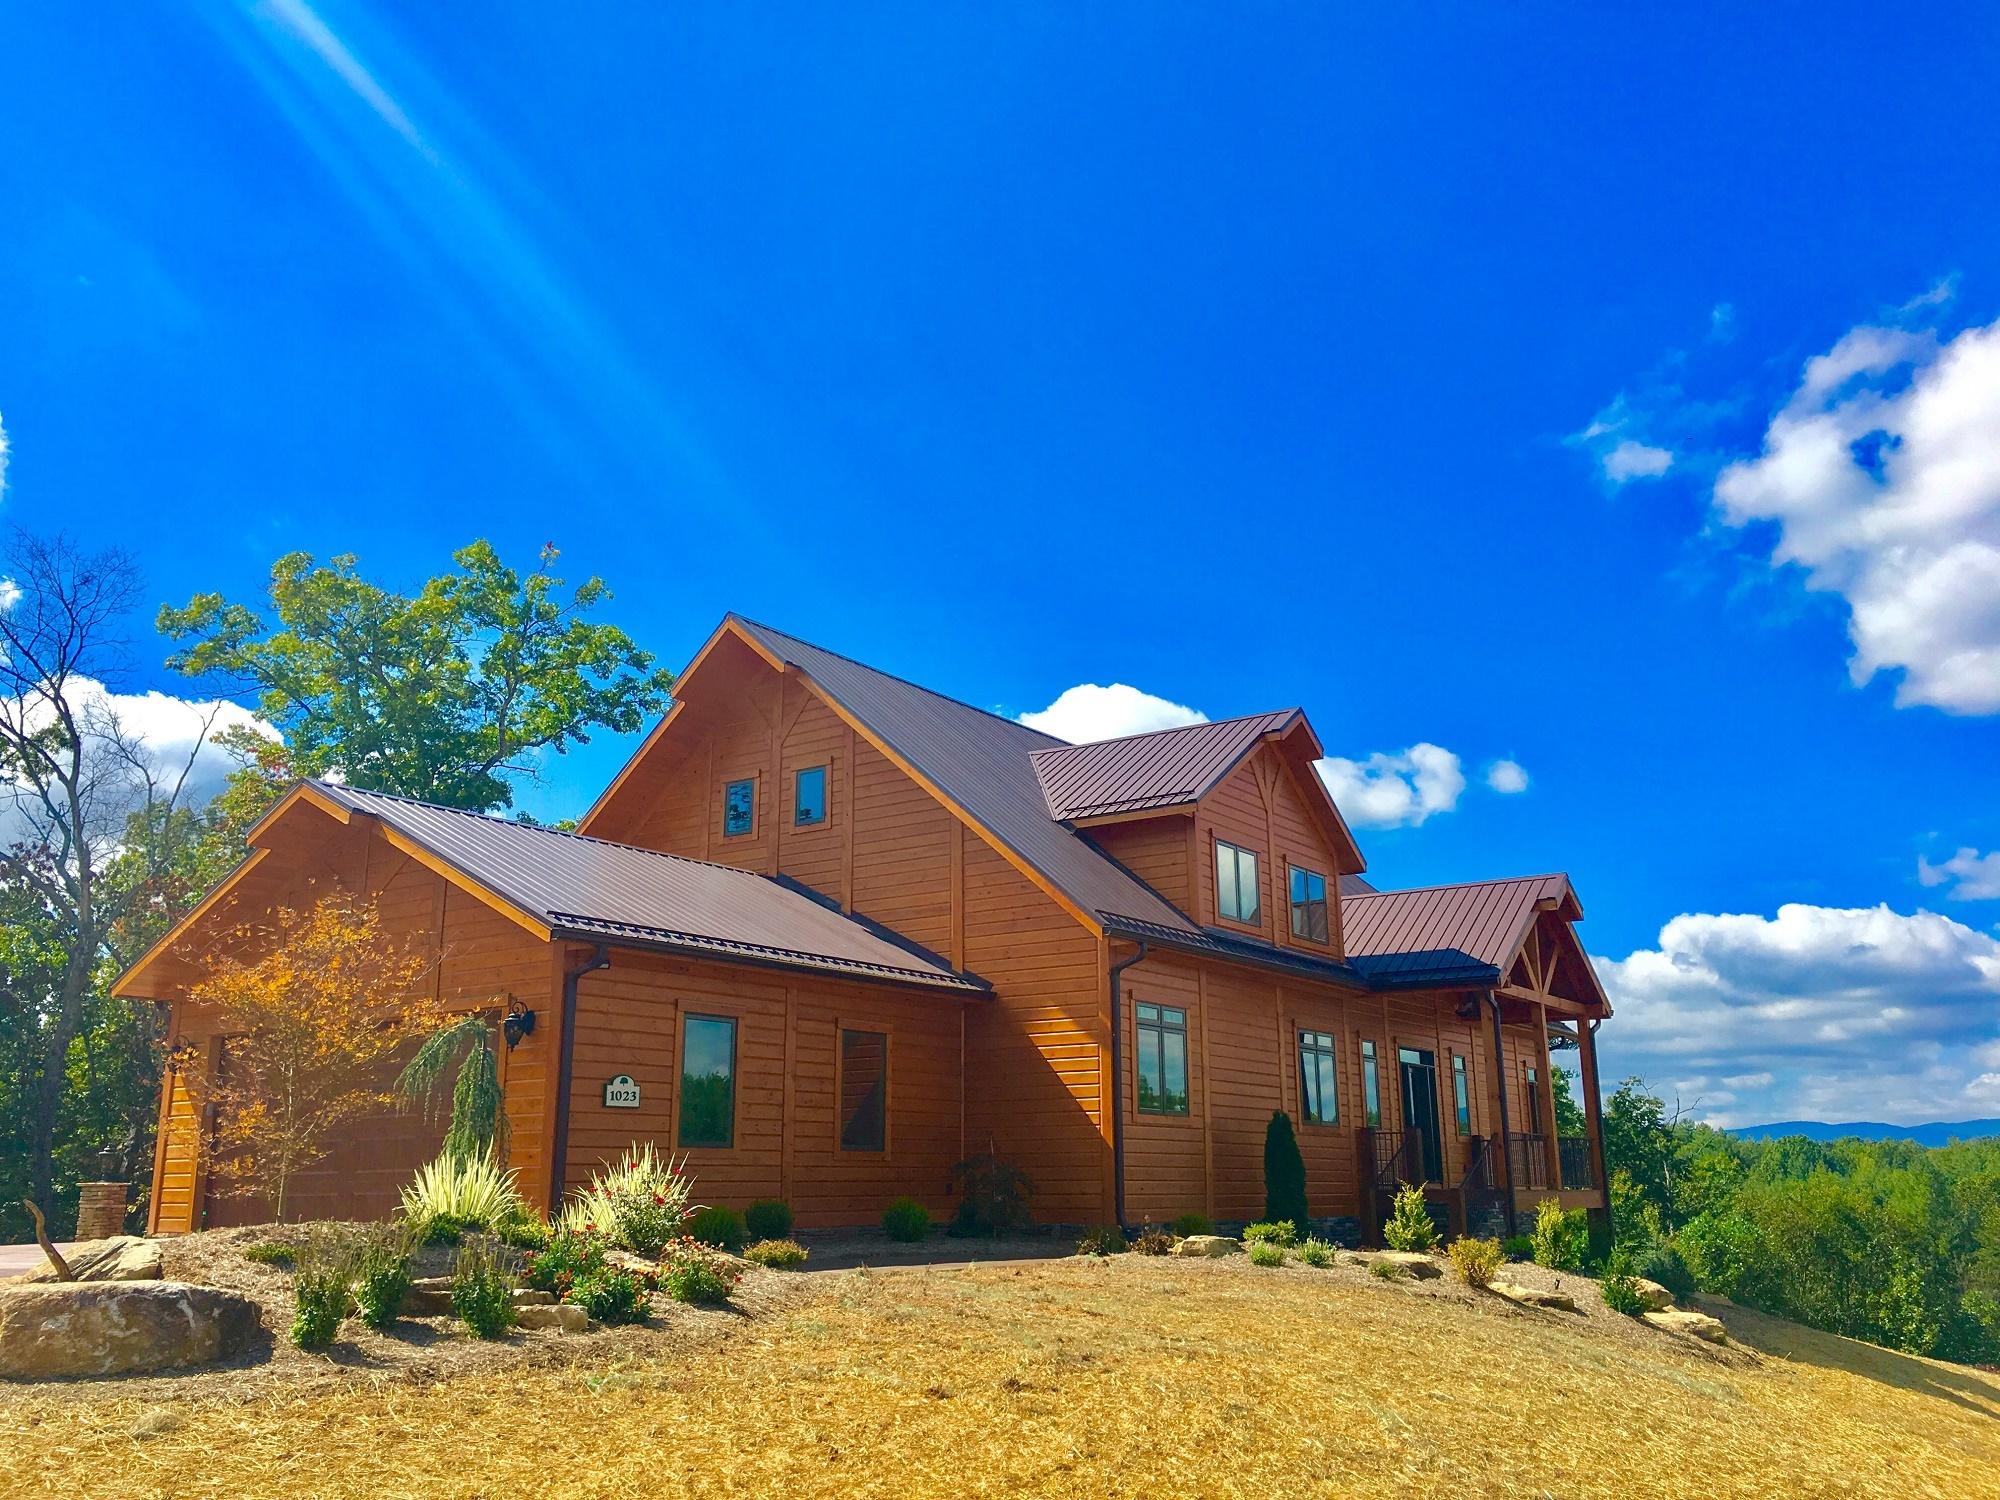 Le prix d une maison timber block ce que vous devez savoir for Prix d une maison a construire